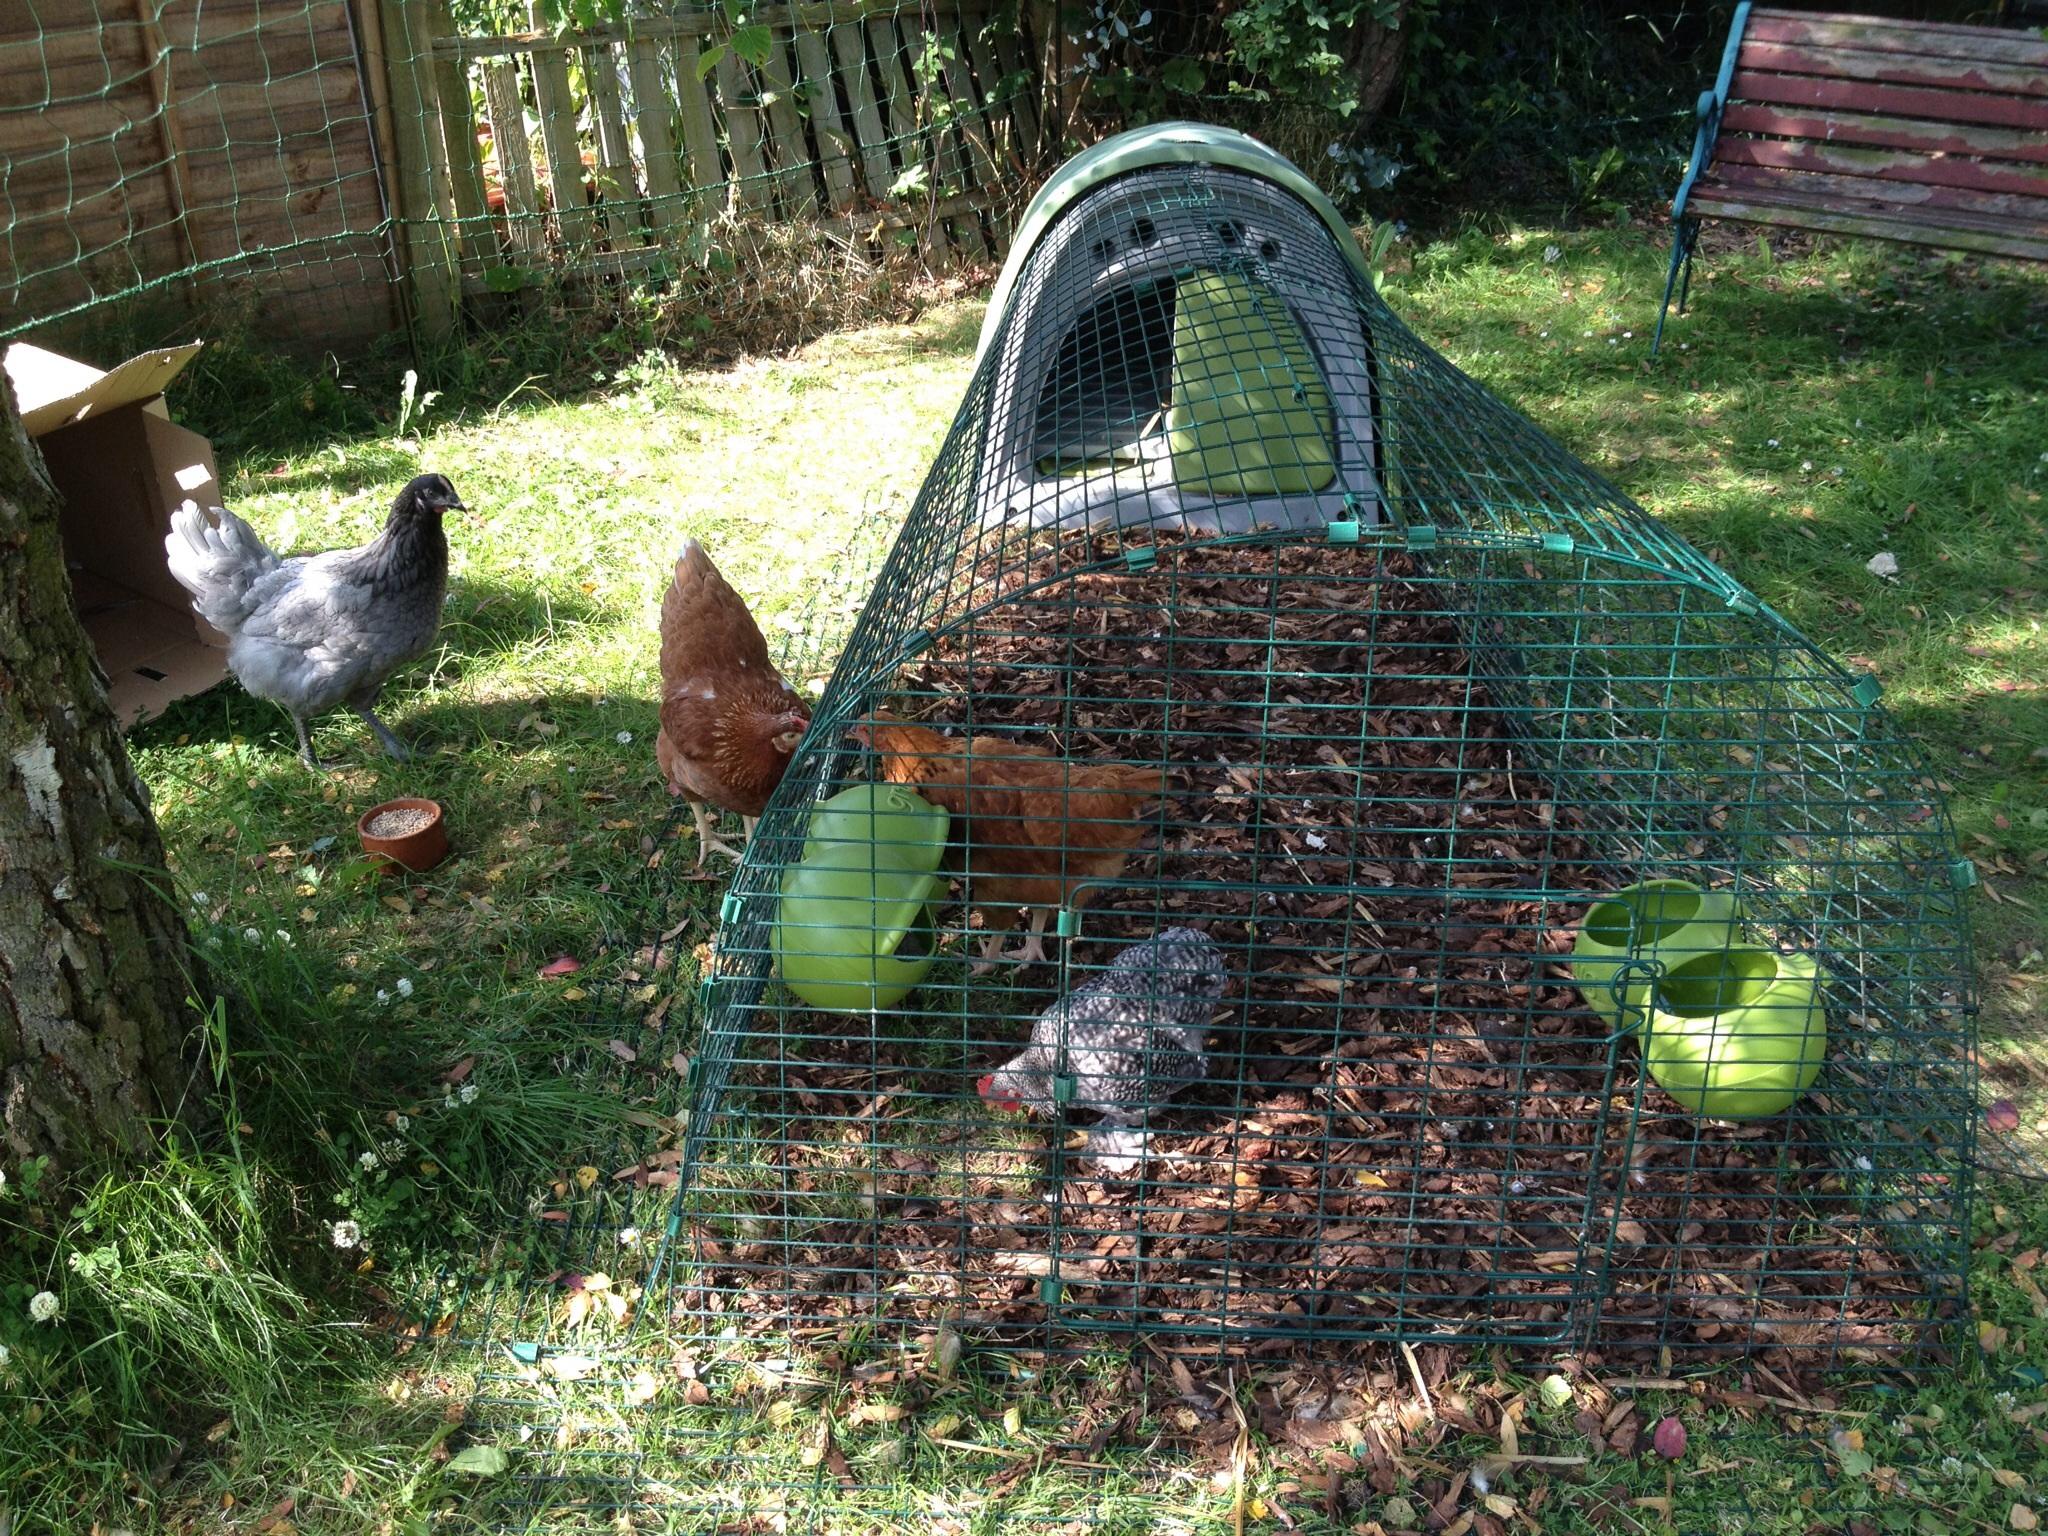 Emilia Taylors Hennen lieben es, in ihrem Eglu Run nach Würmern zu suchen